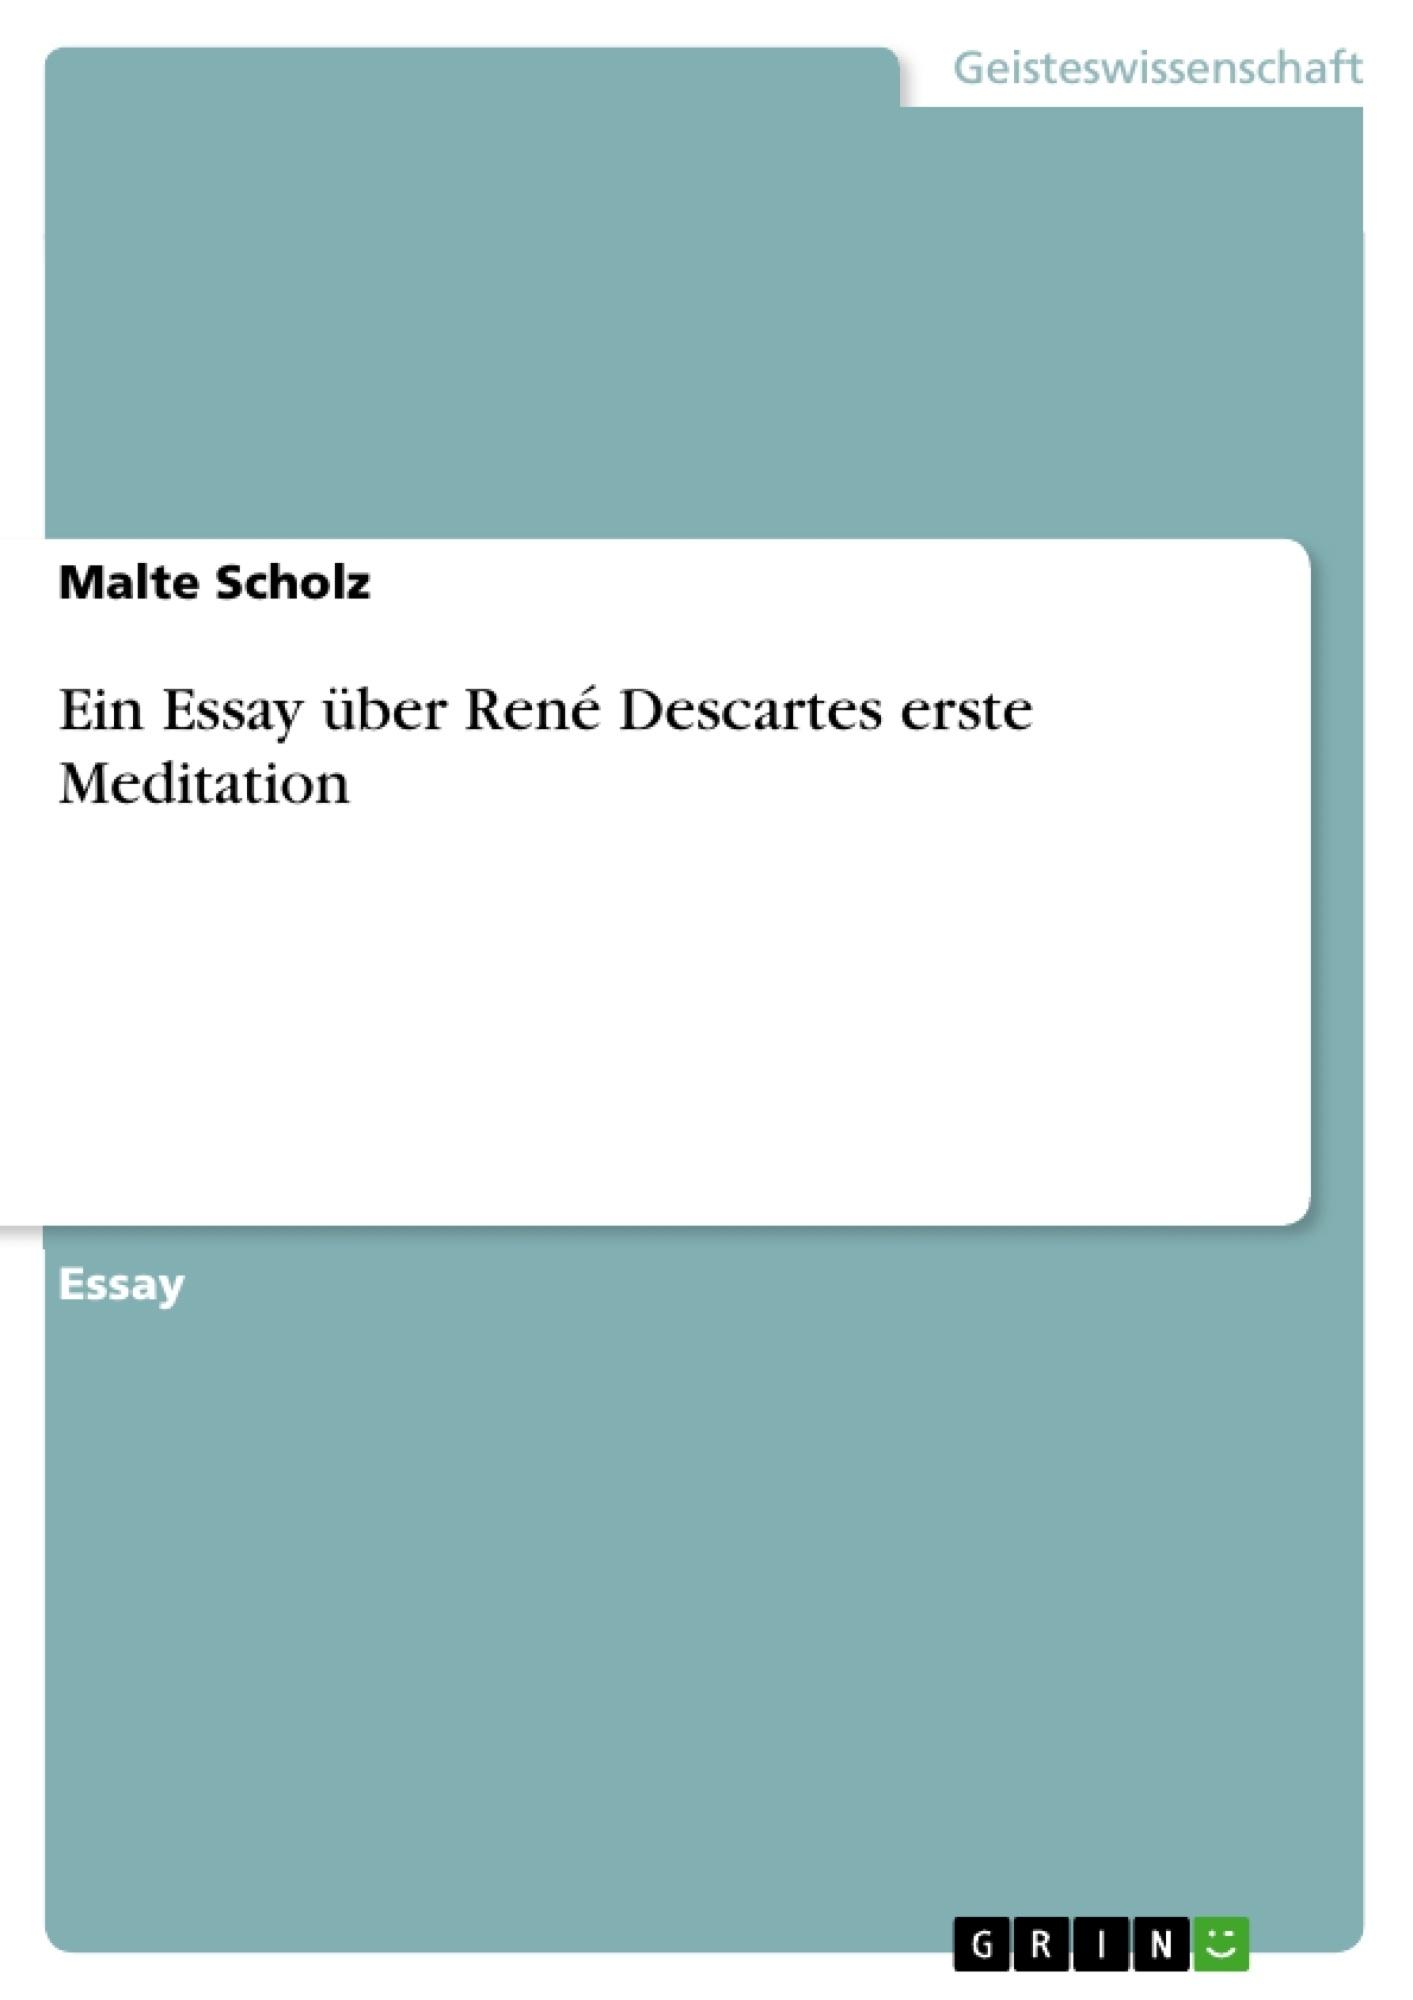 Titel: Ein Essay über René Descartes erste Meditation